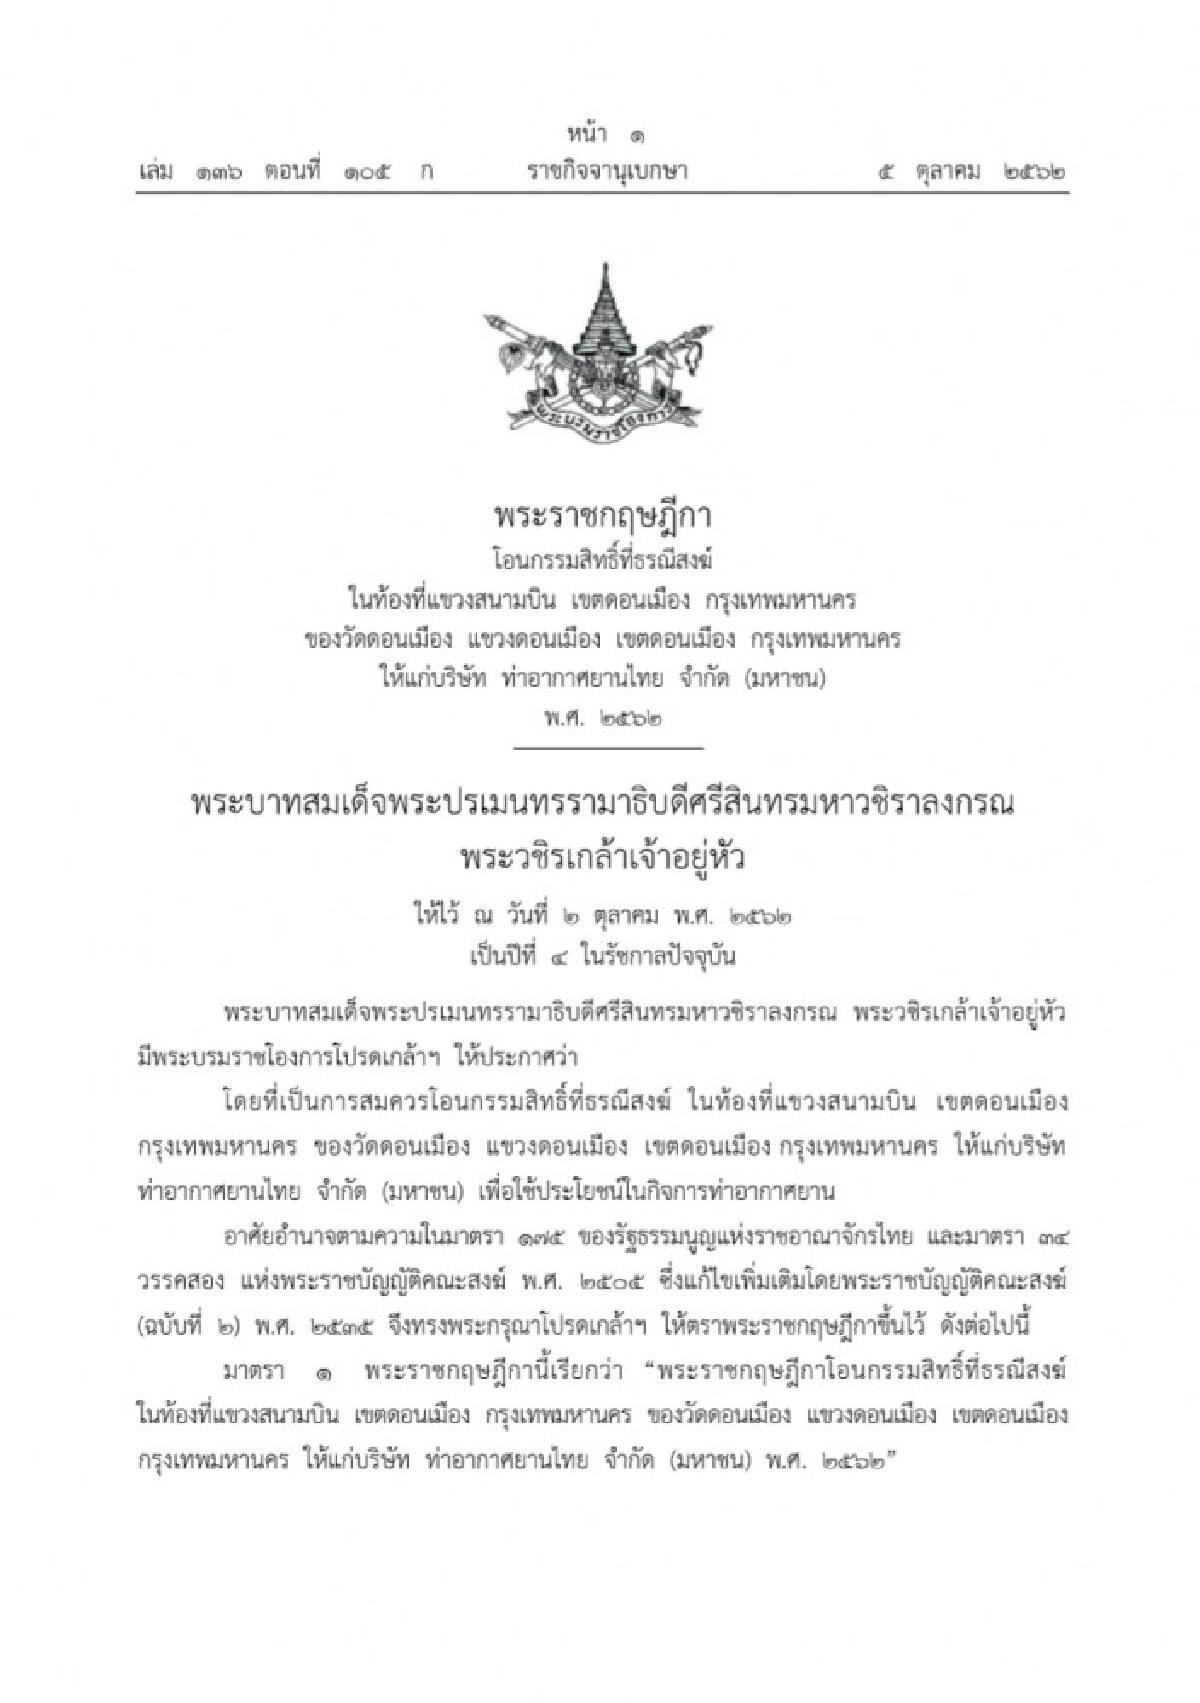 โปรดเกล้าฯ โอนกรรมสิทธิ์ที่ธรณีสงฆ์ให้ท่าอากาศยานไทย